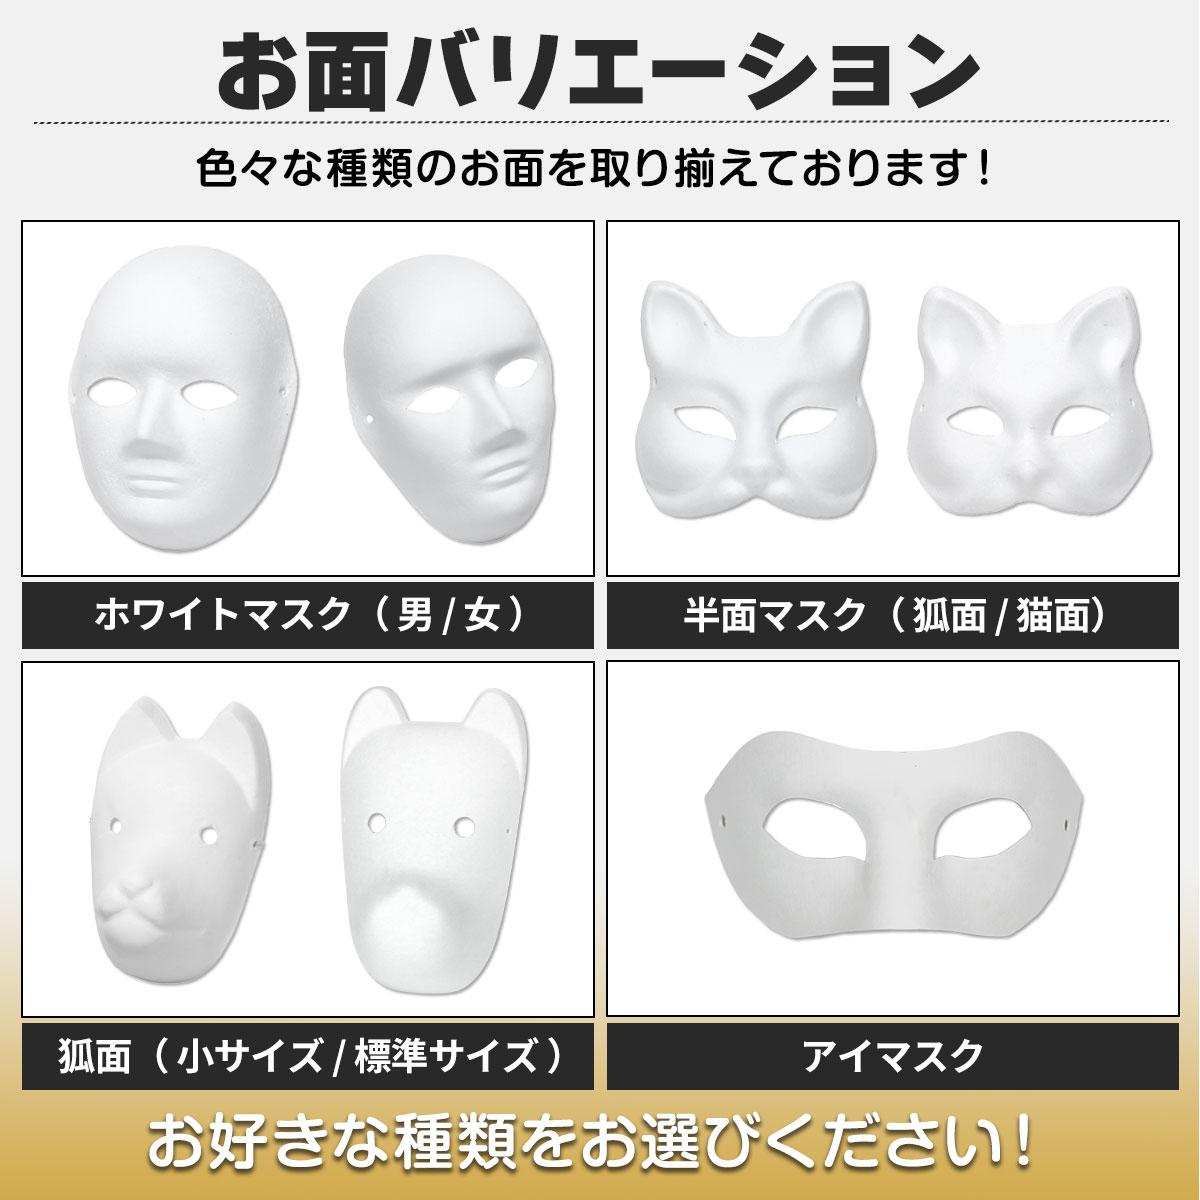 お面 半顔 狐面 猫面 ホワイトマスク 仮装 コスプレ ペイント 紙パルプ製 【5枚セット】